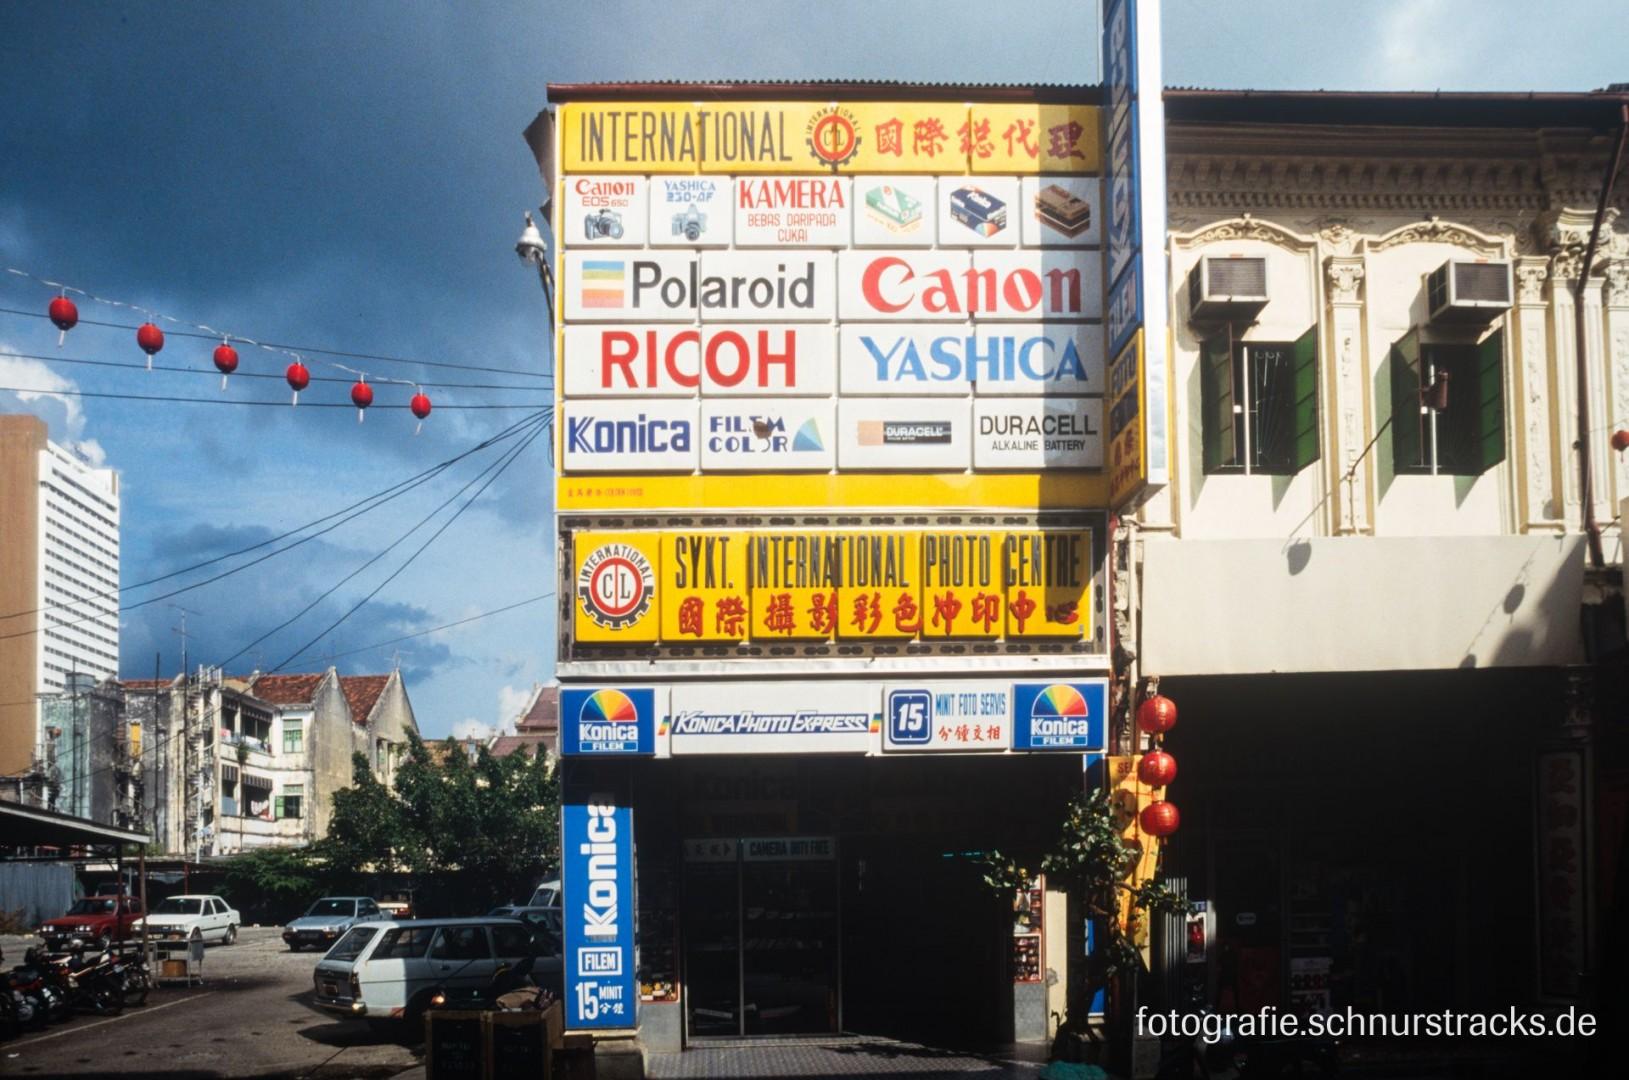 Malacca Photo Centre